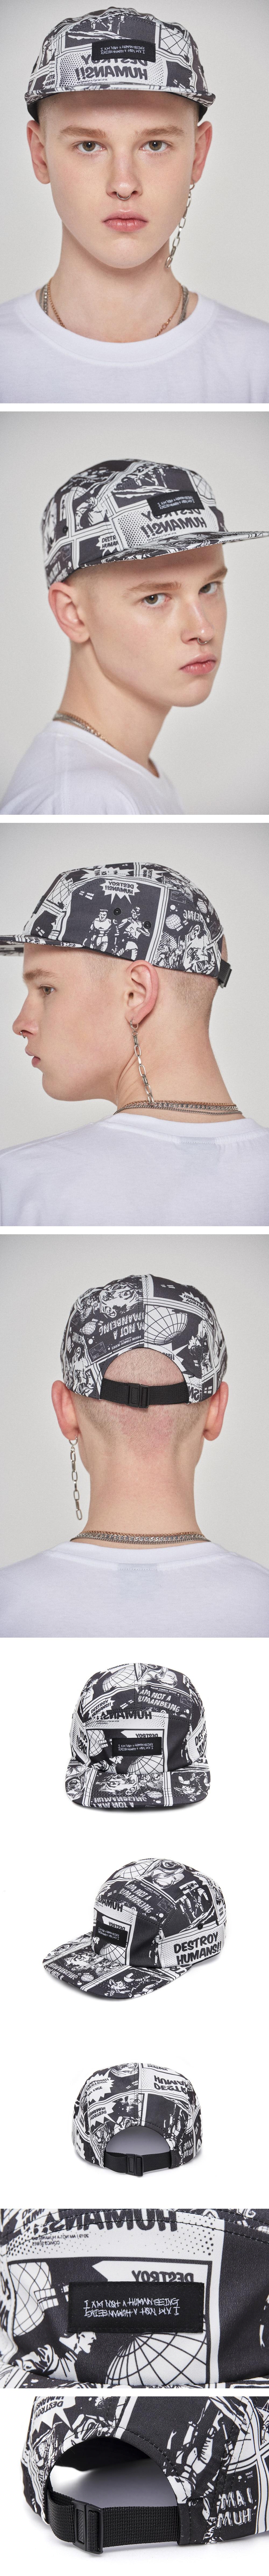 아임낫어휴먼비잉(I AM NOT A HUMAN BEING) Printed Camp hat - WHITE